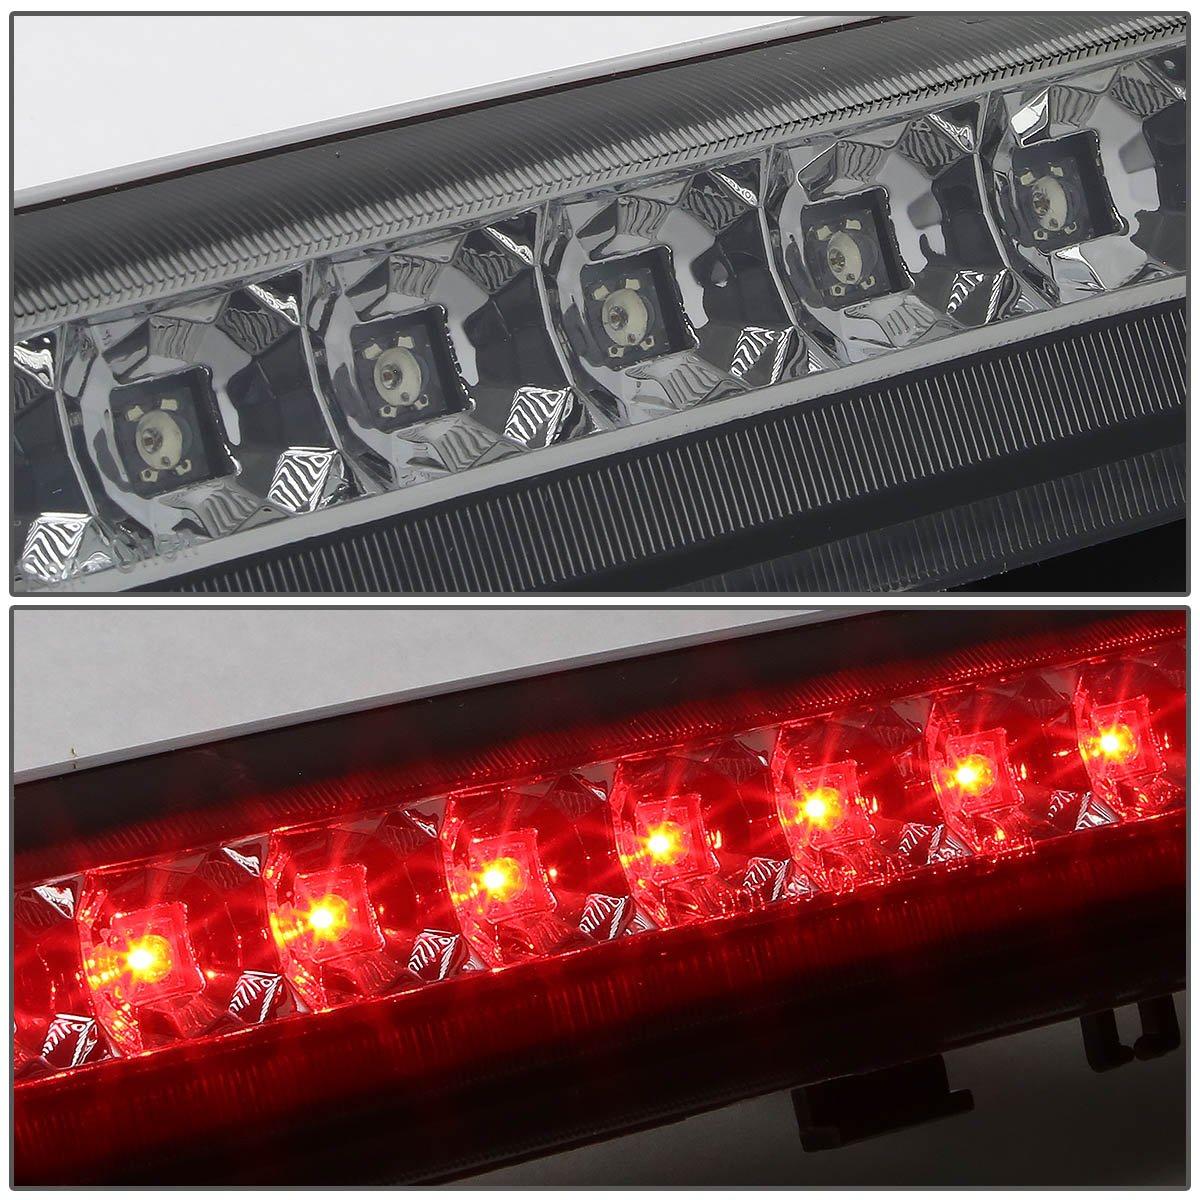 DNA Motoring 3BL-GMCD00-LED-BK Third Brake Light